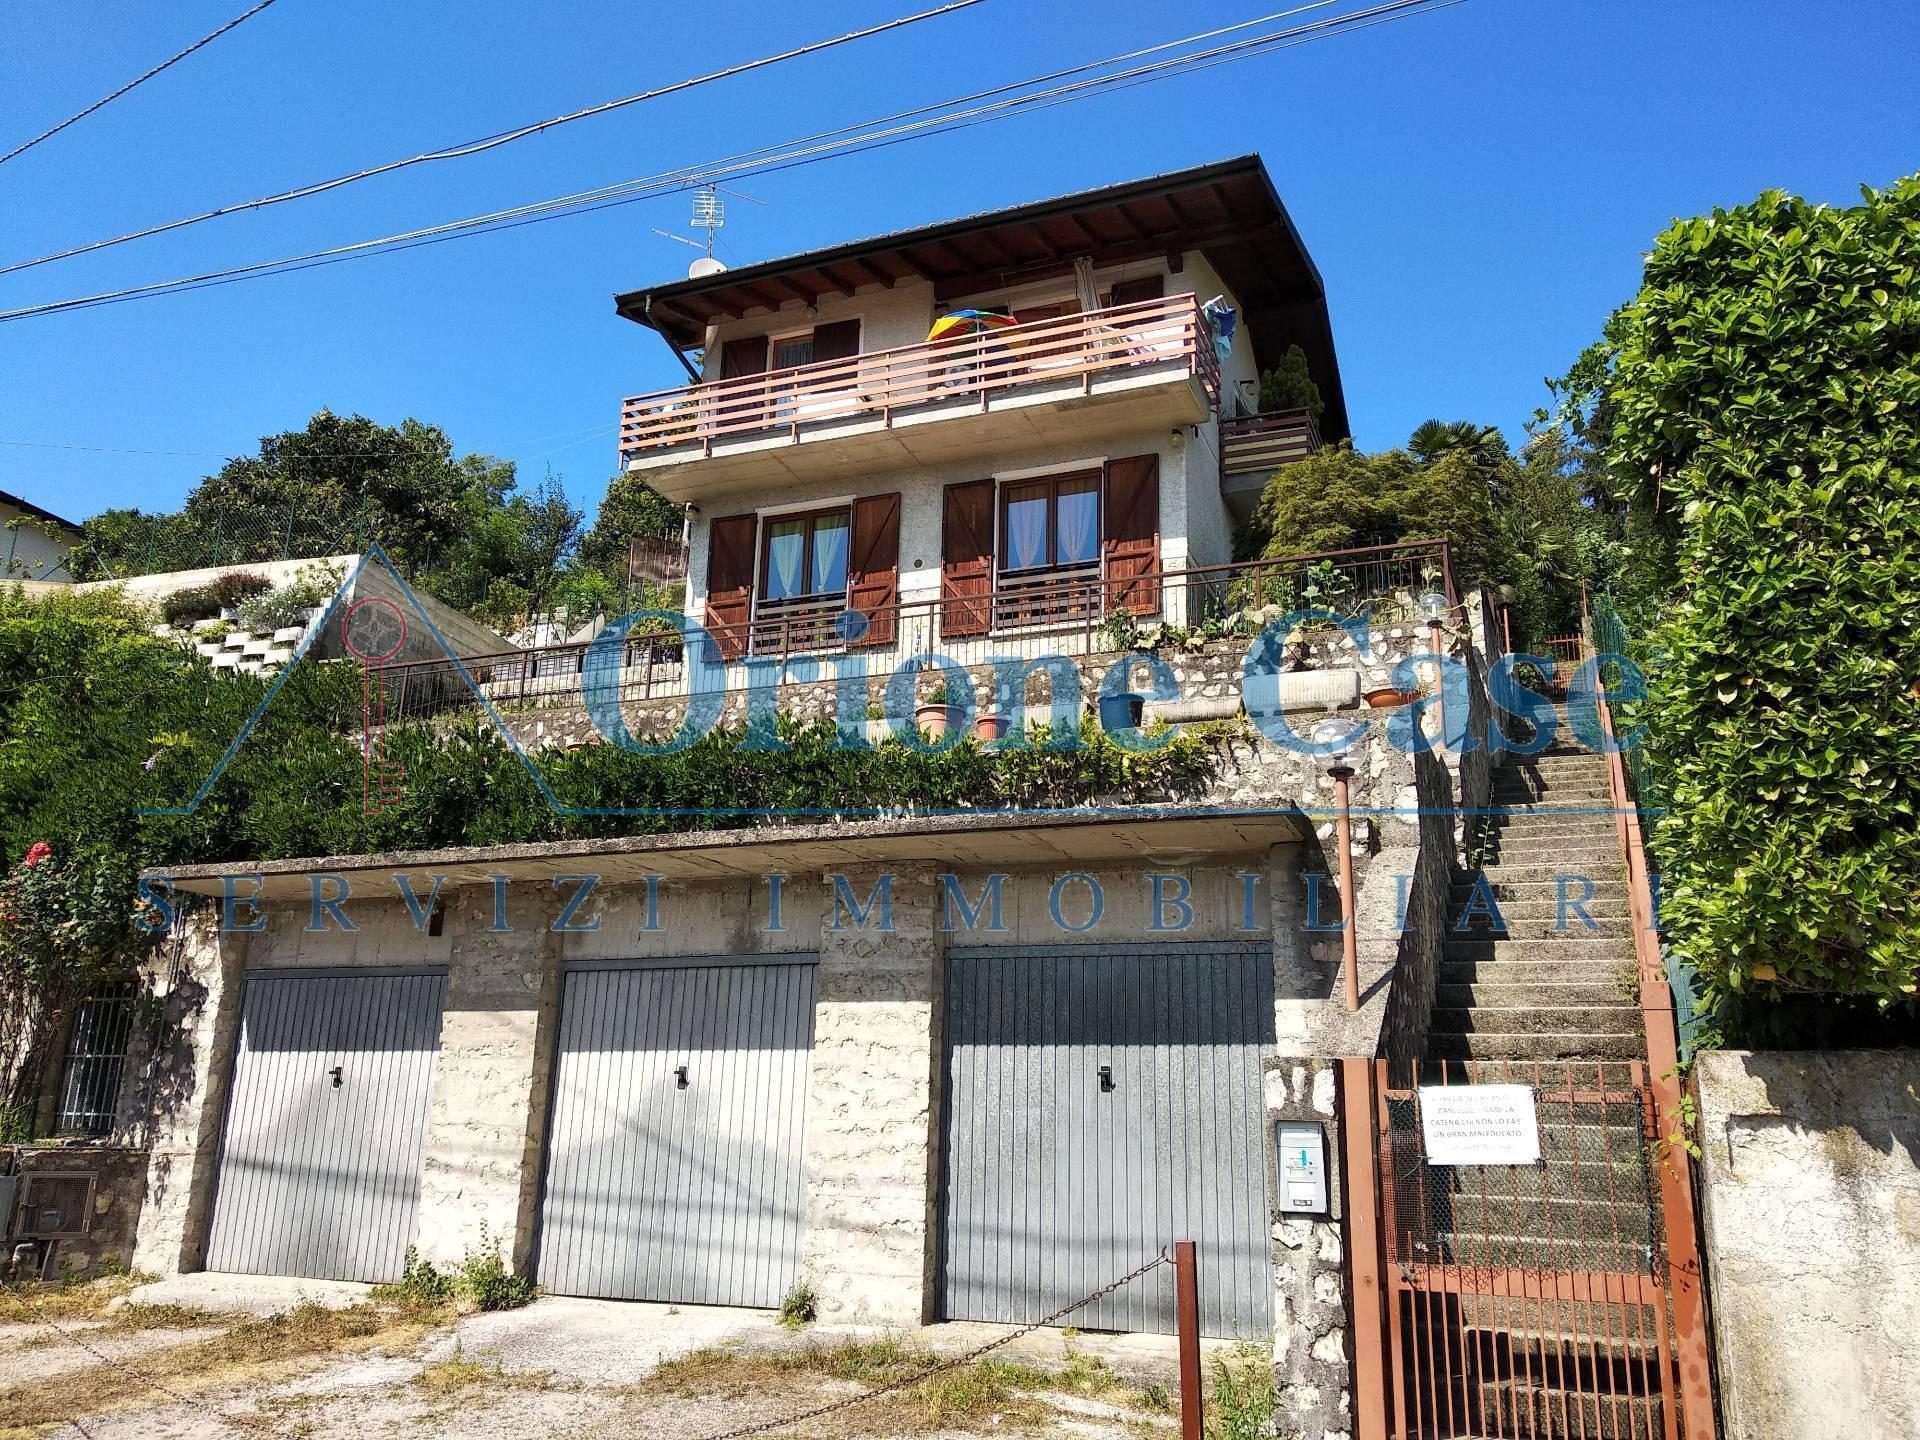 Appartamento in vendita a Cunardo, 3 locali, zona Località: semicentrale, prezzo € 145.000 | PortaleAgenzieImmobiliari.it